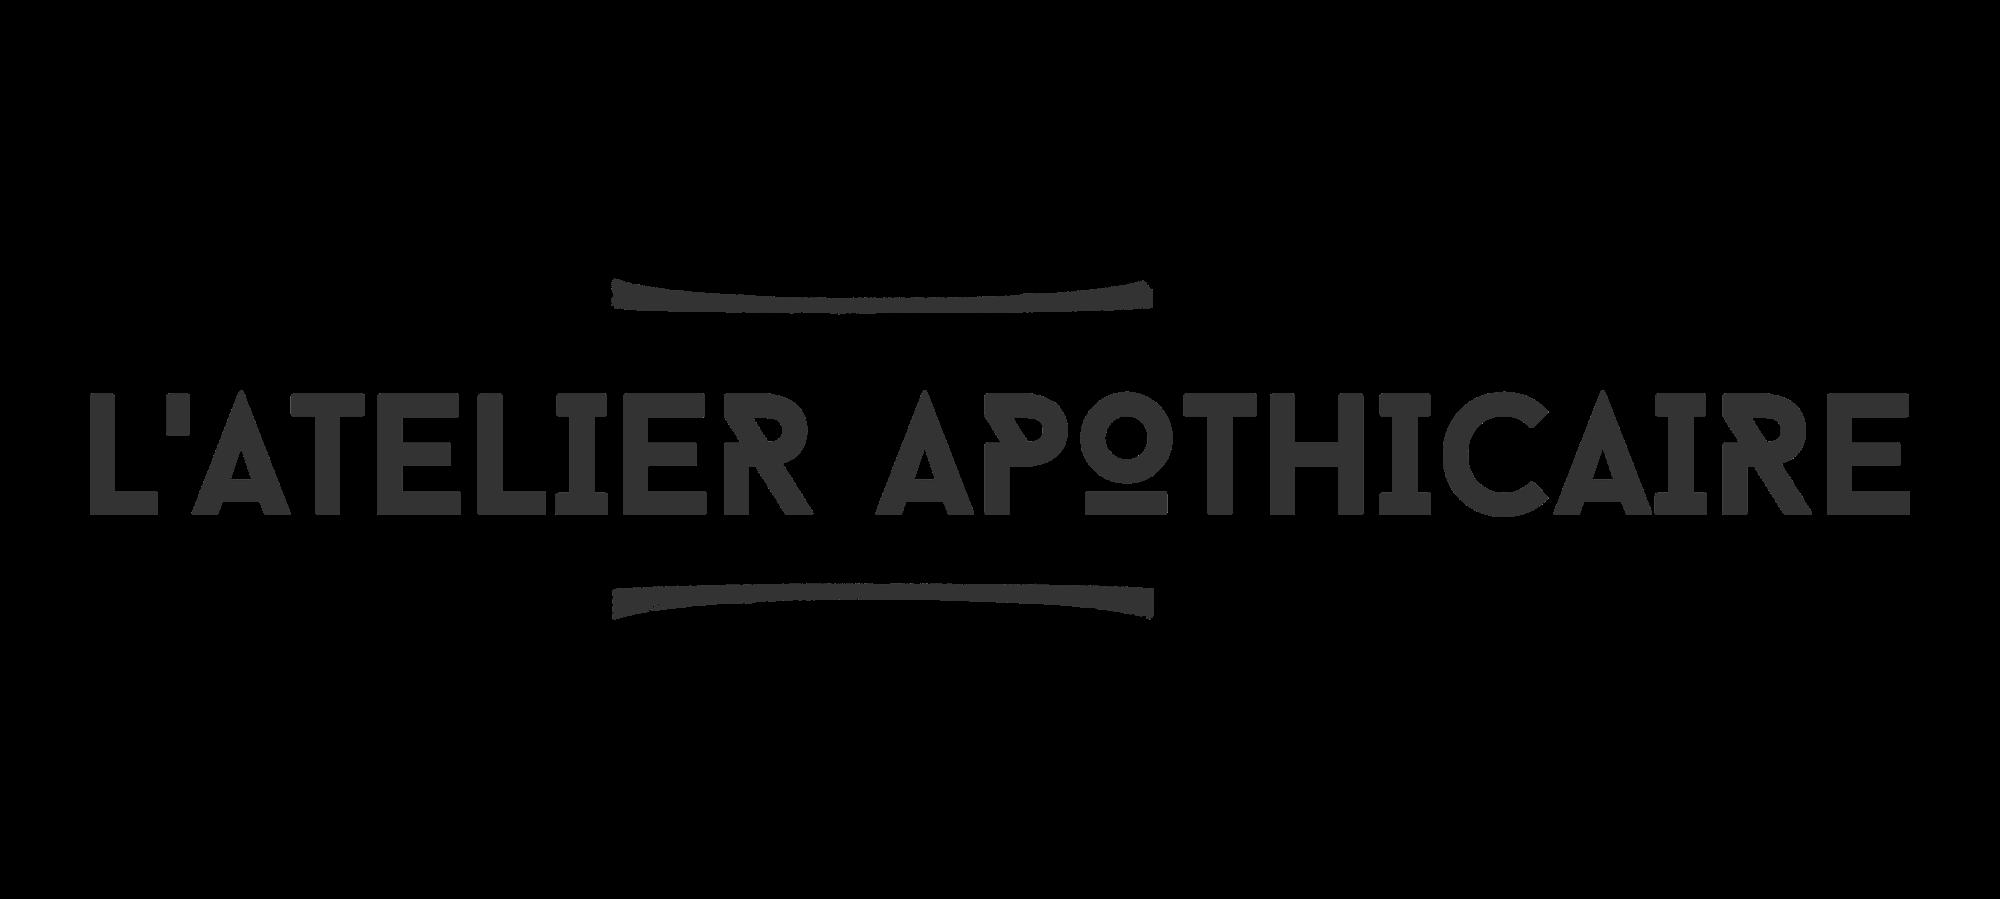 L'atelier apothicaire